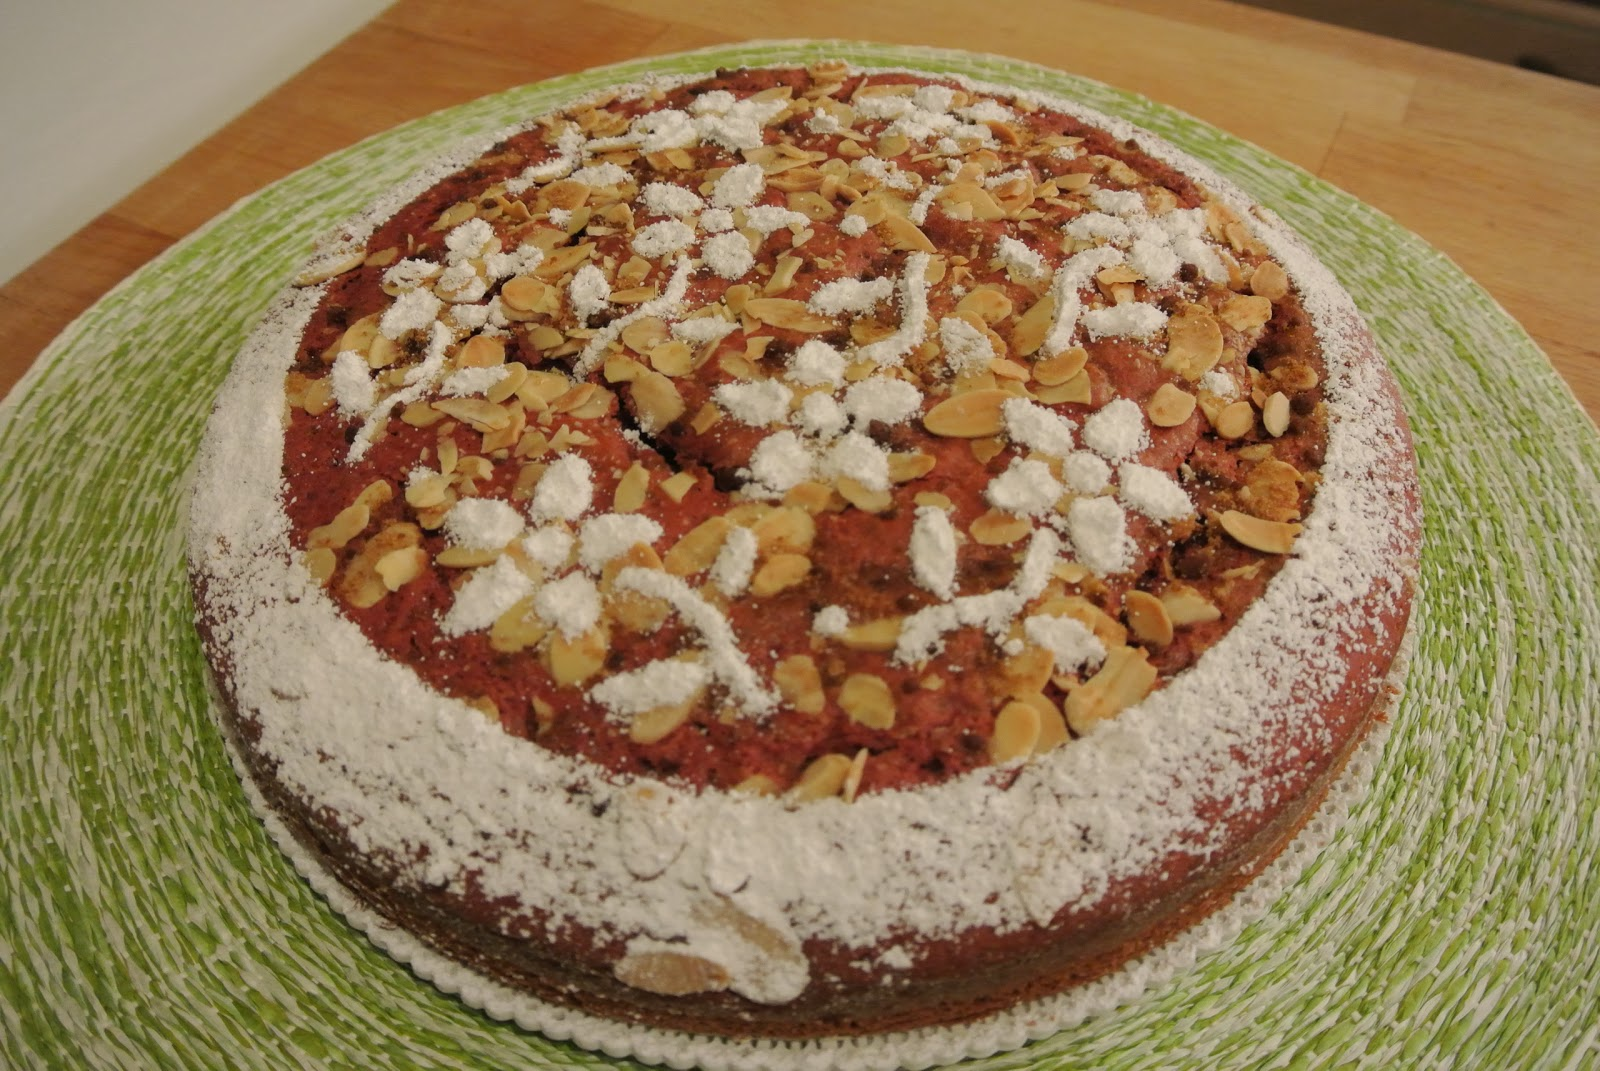 torta con barbabietole rosse